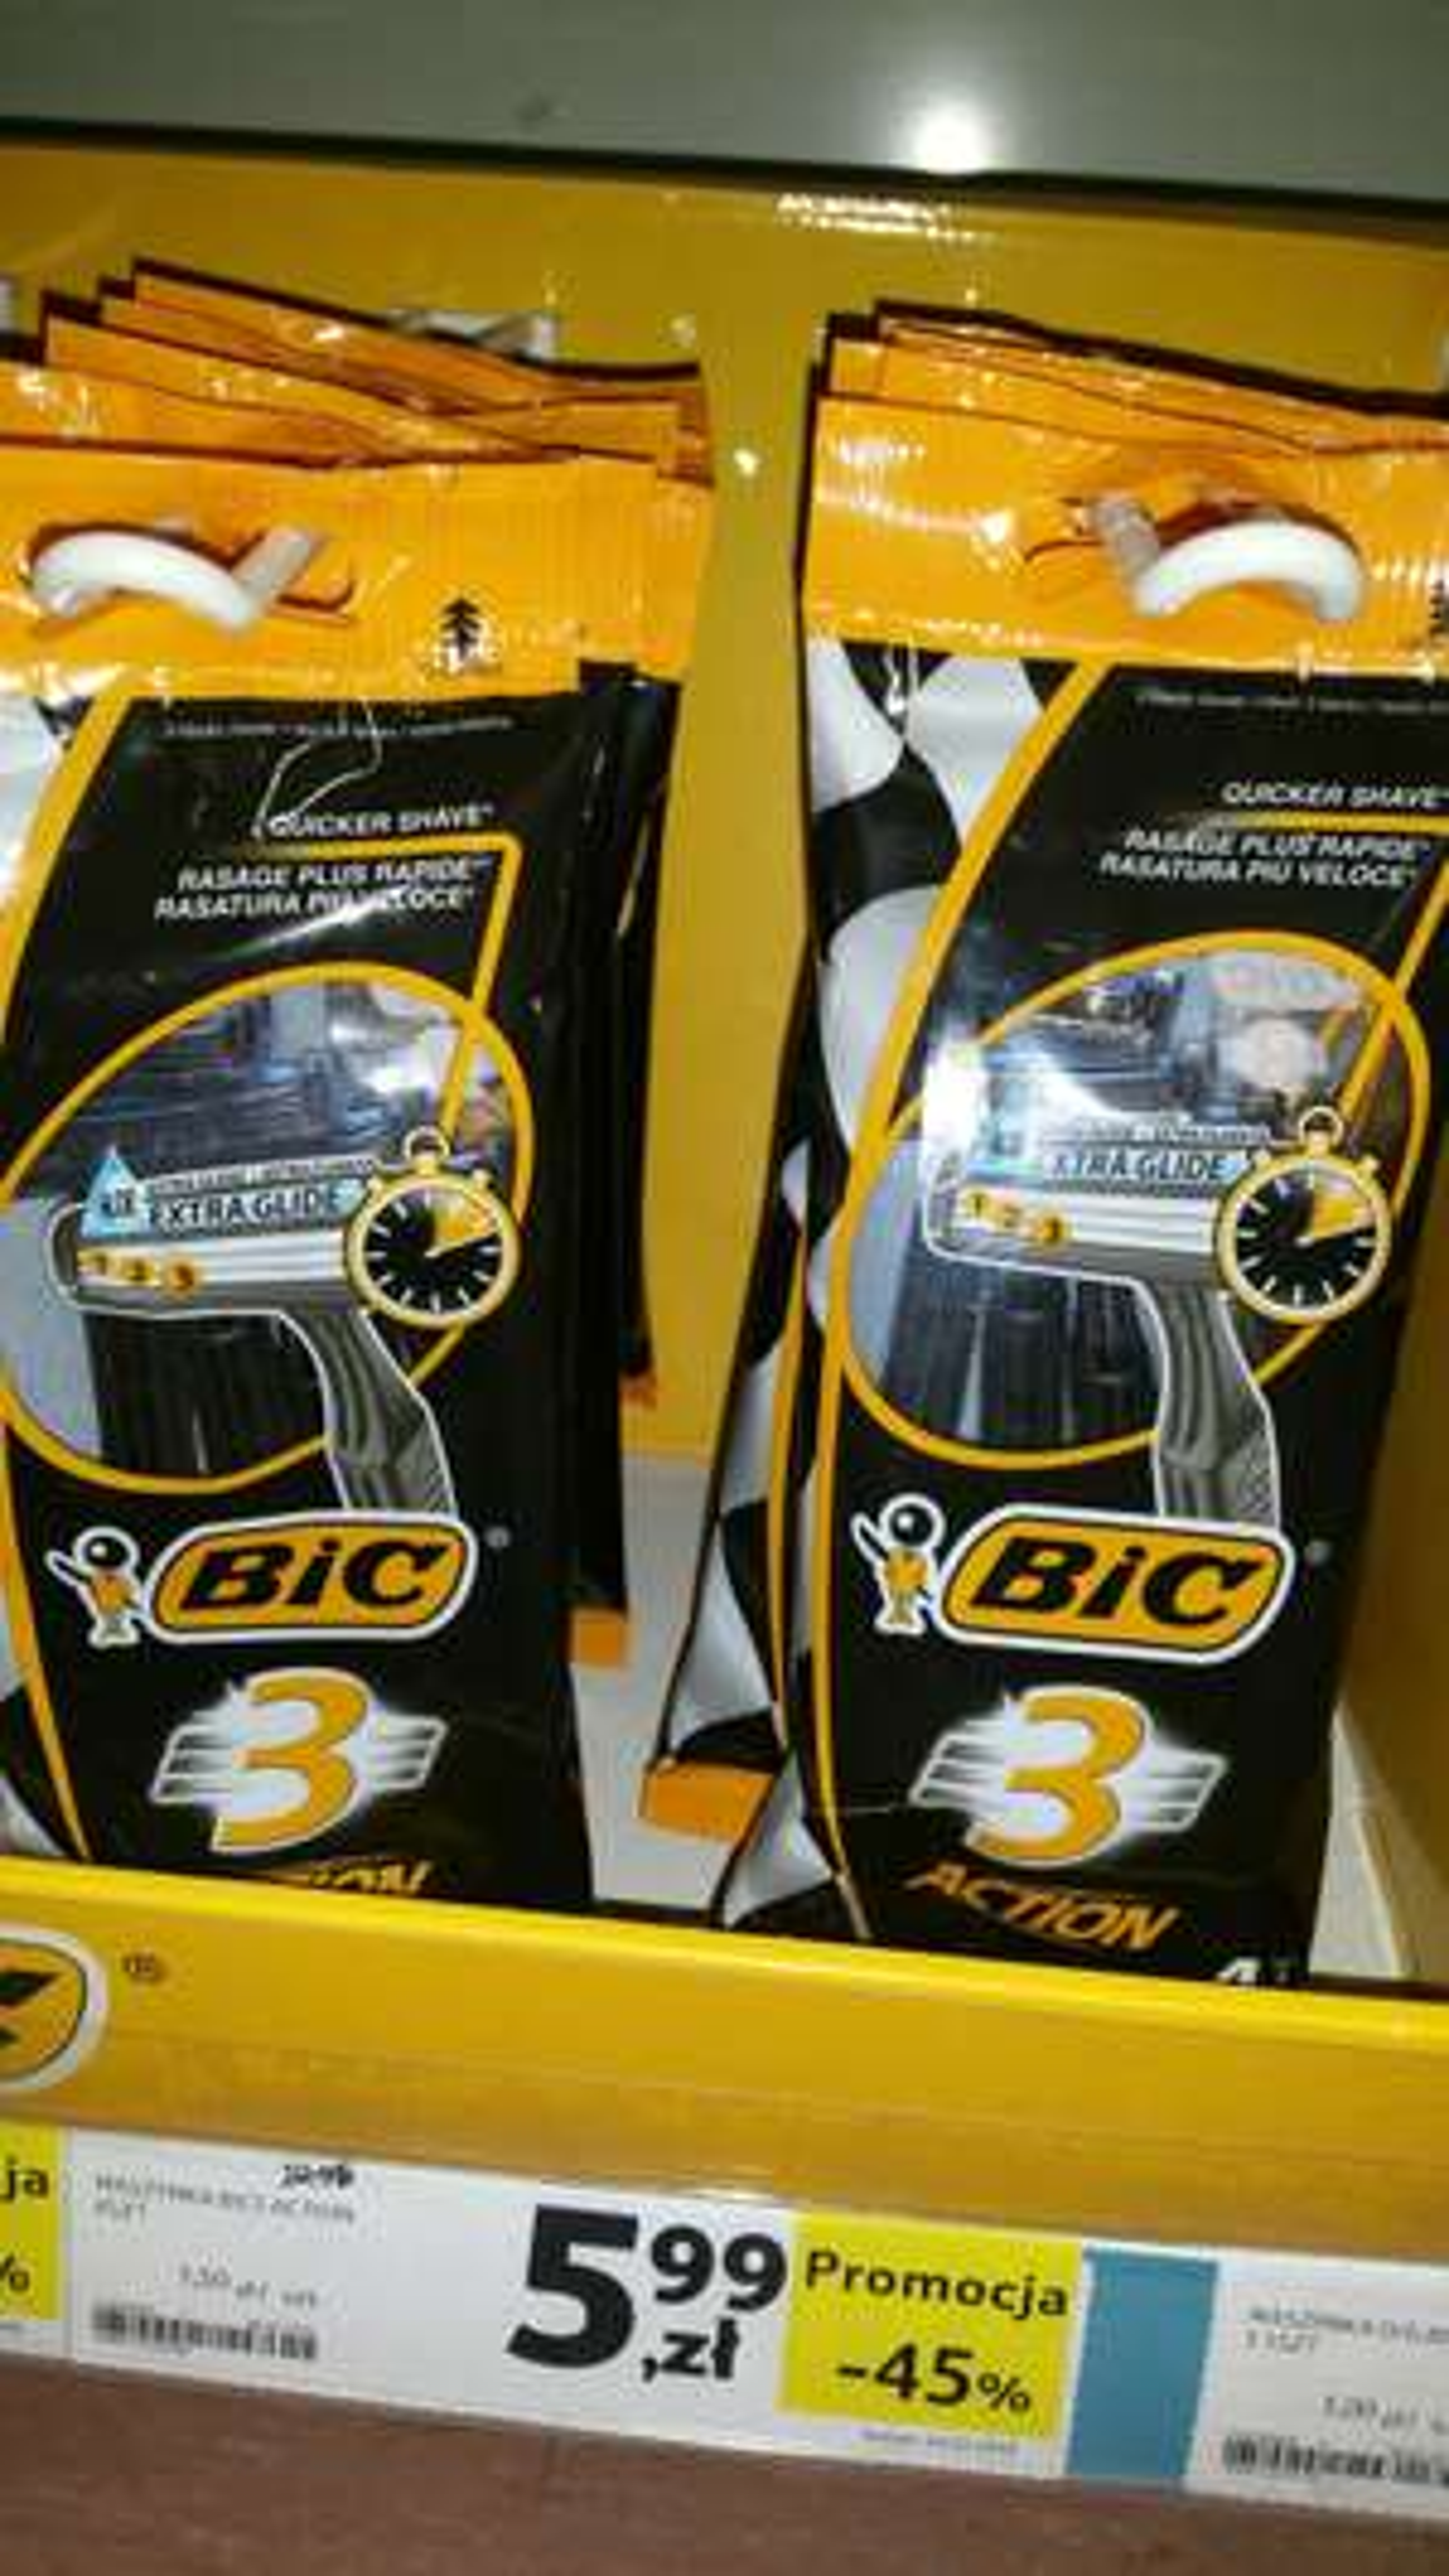 Maszynki do golenia BIC 4 szt. 3 ostrza cena za szt.1,50!!